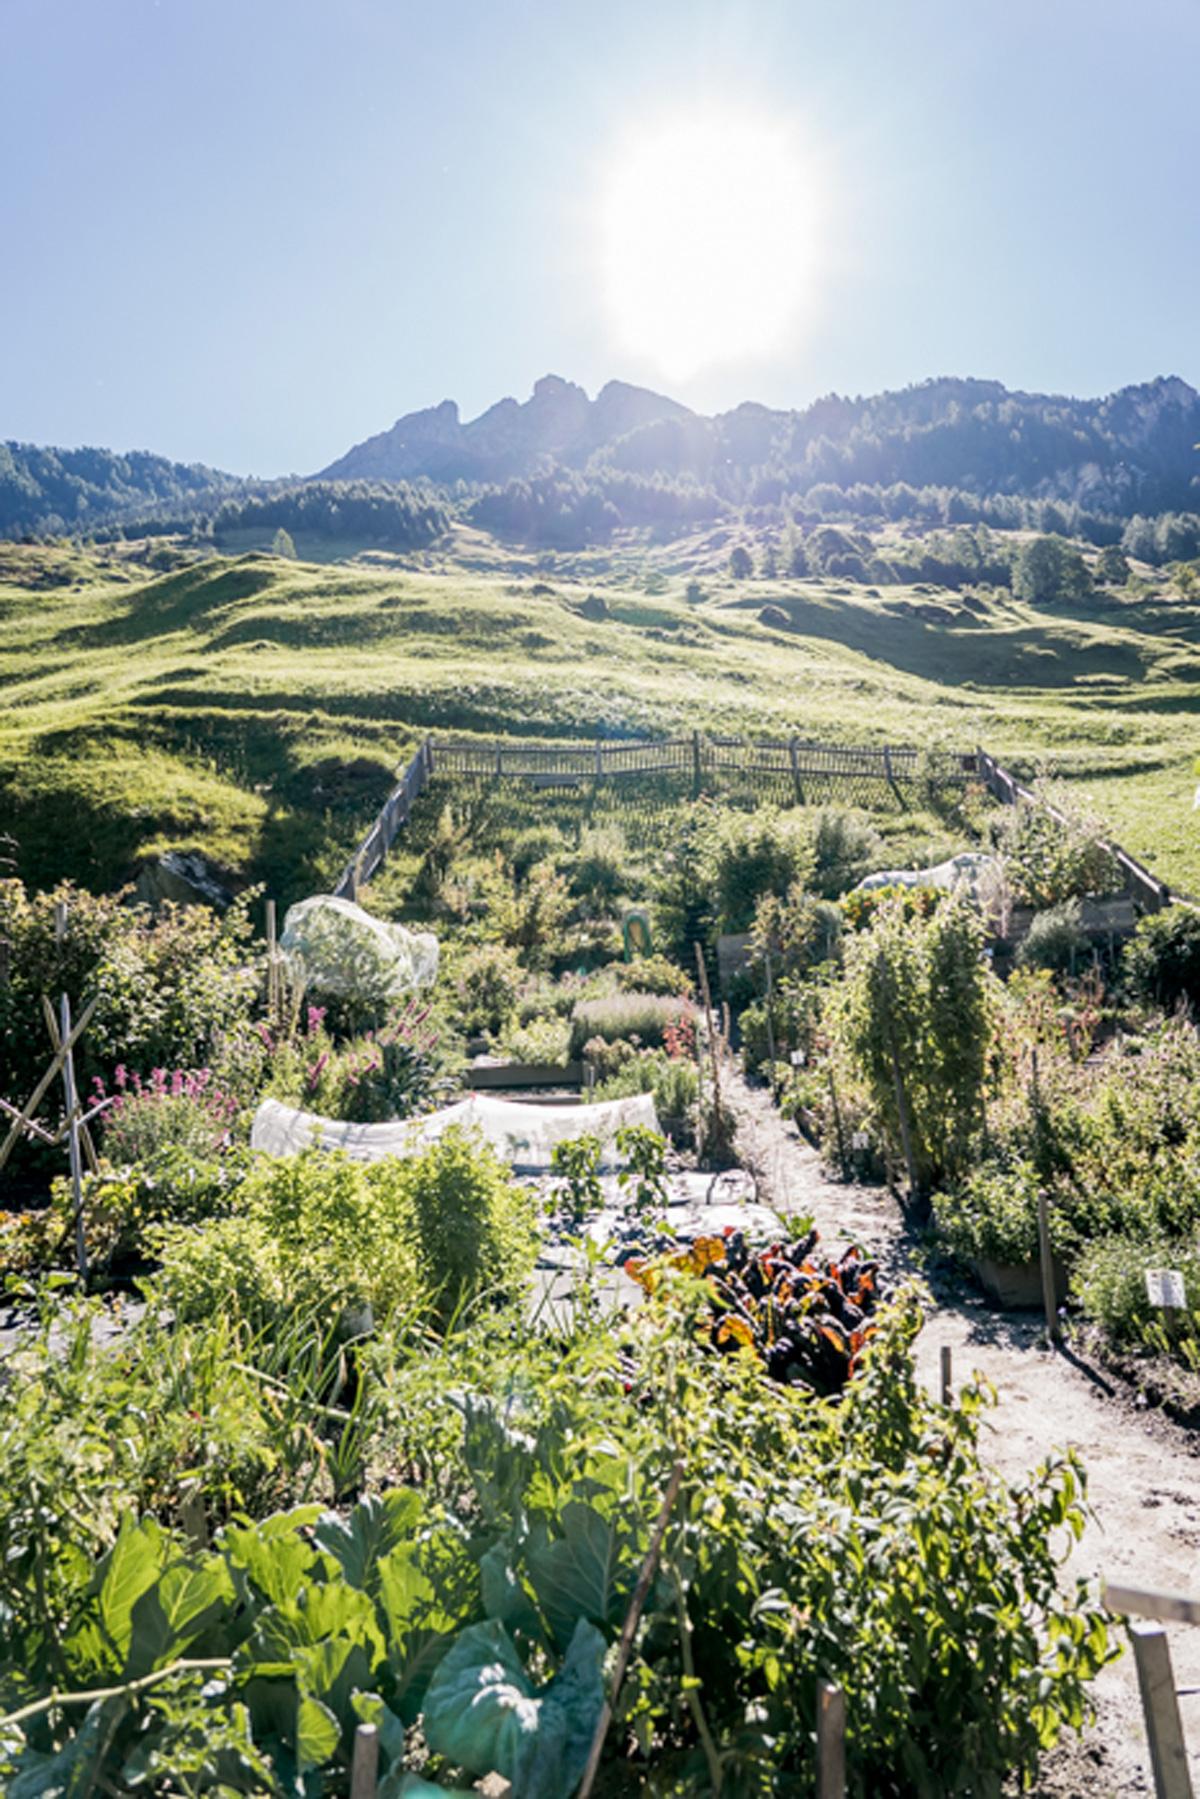 Vals in der Schweiz Blick auf den Kraeutergarten in Vals